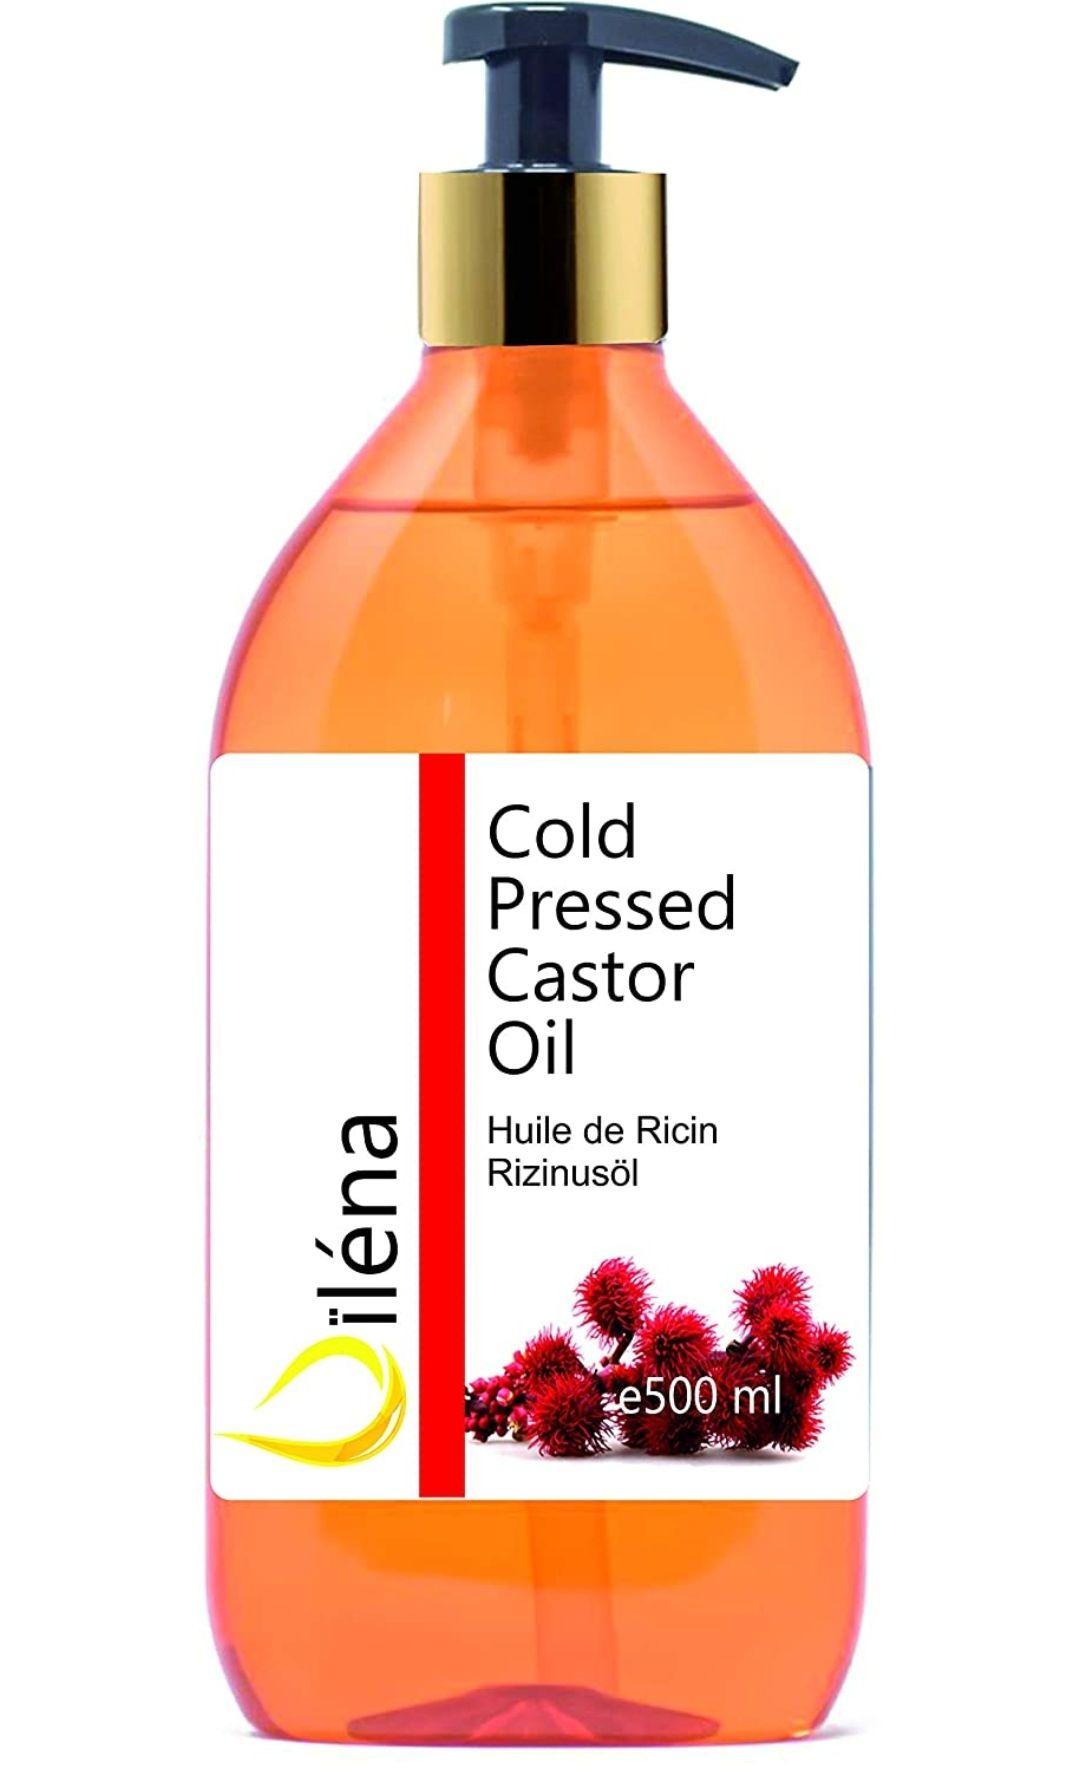 Aceite de Ricino Puro, Castor Oil, Acelera el Crecimiento del Pelo, Pestañas, Barba y Uñas